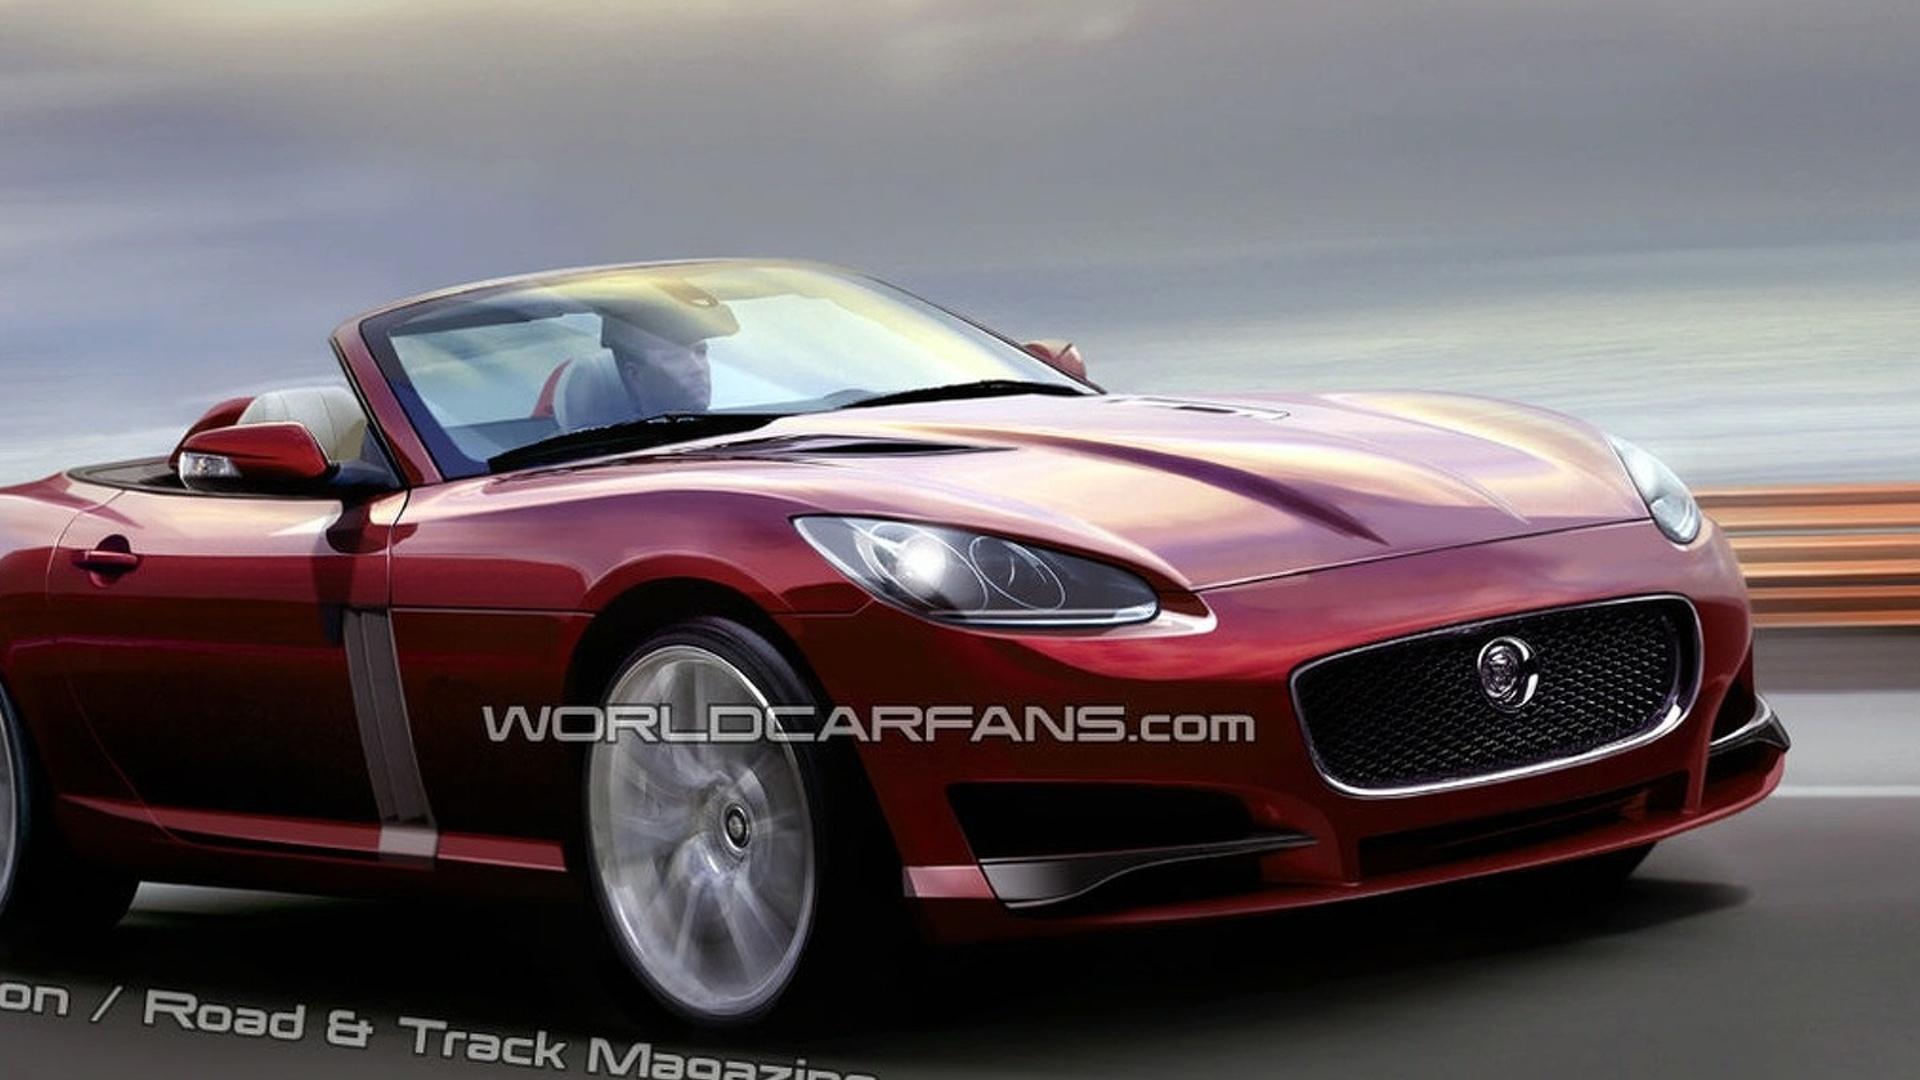 jaguar xf wiki luxury sedan file type